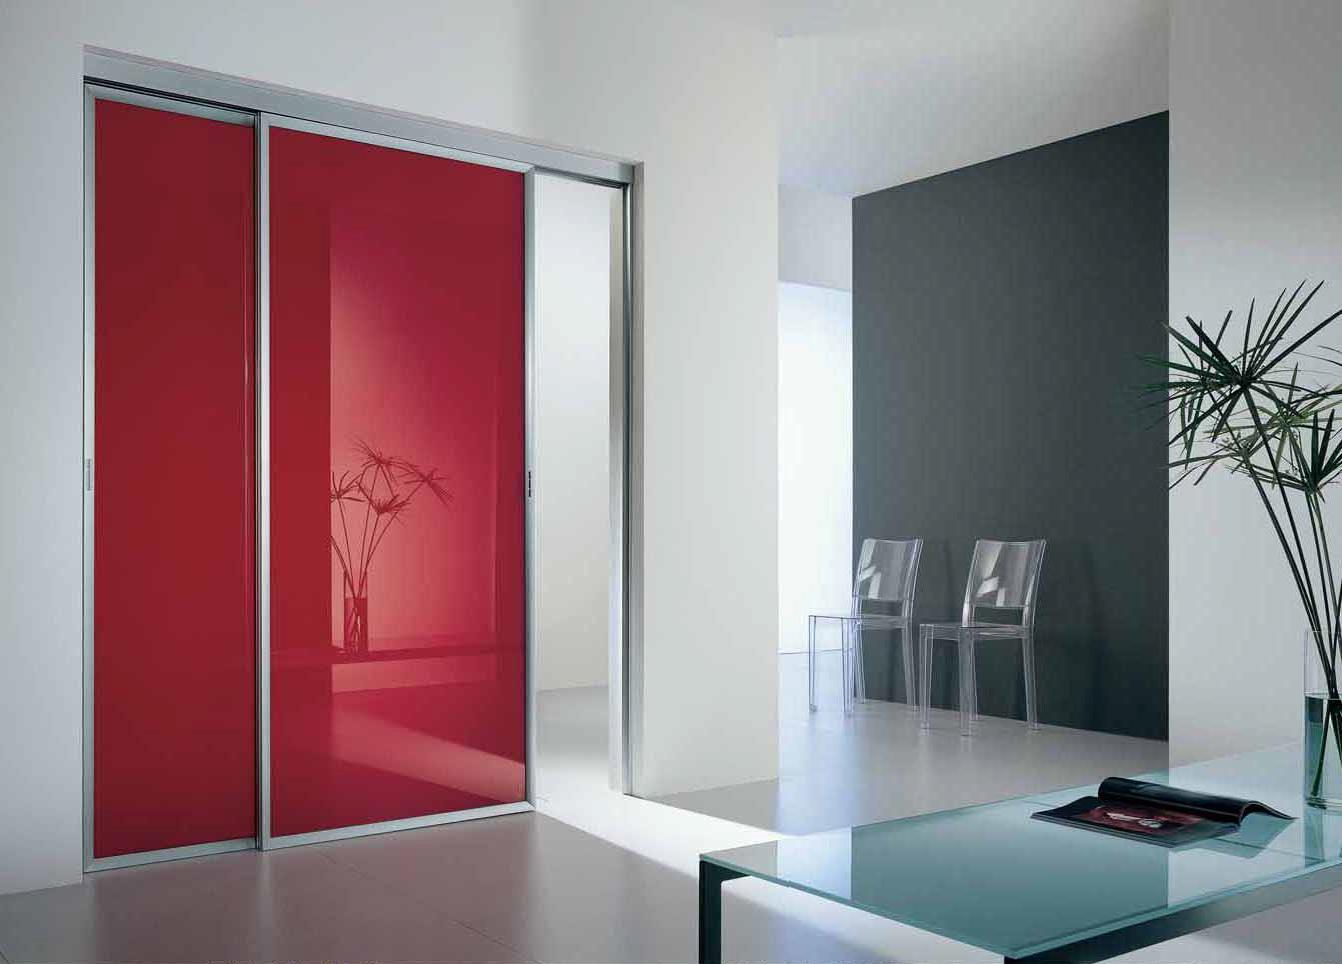 Kak-ustanovit-razdvizhnye-stekljannye-dveri-svoimi-rukami4.jpg